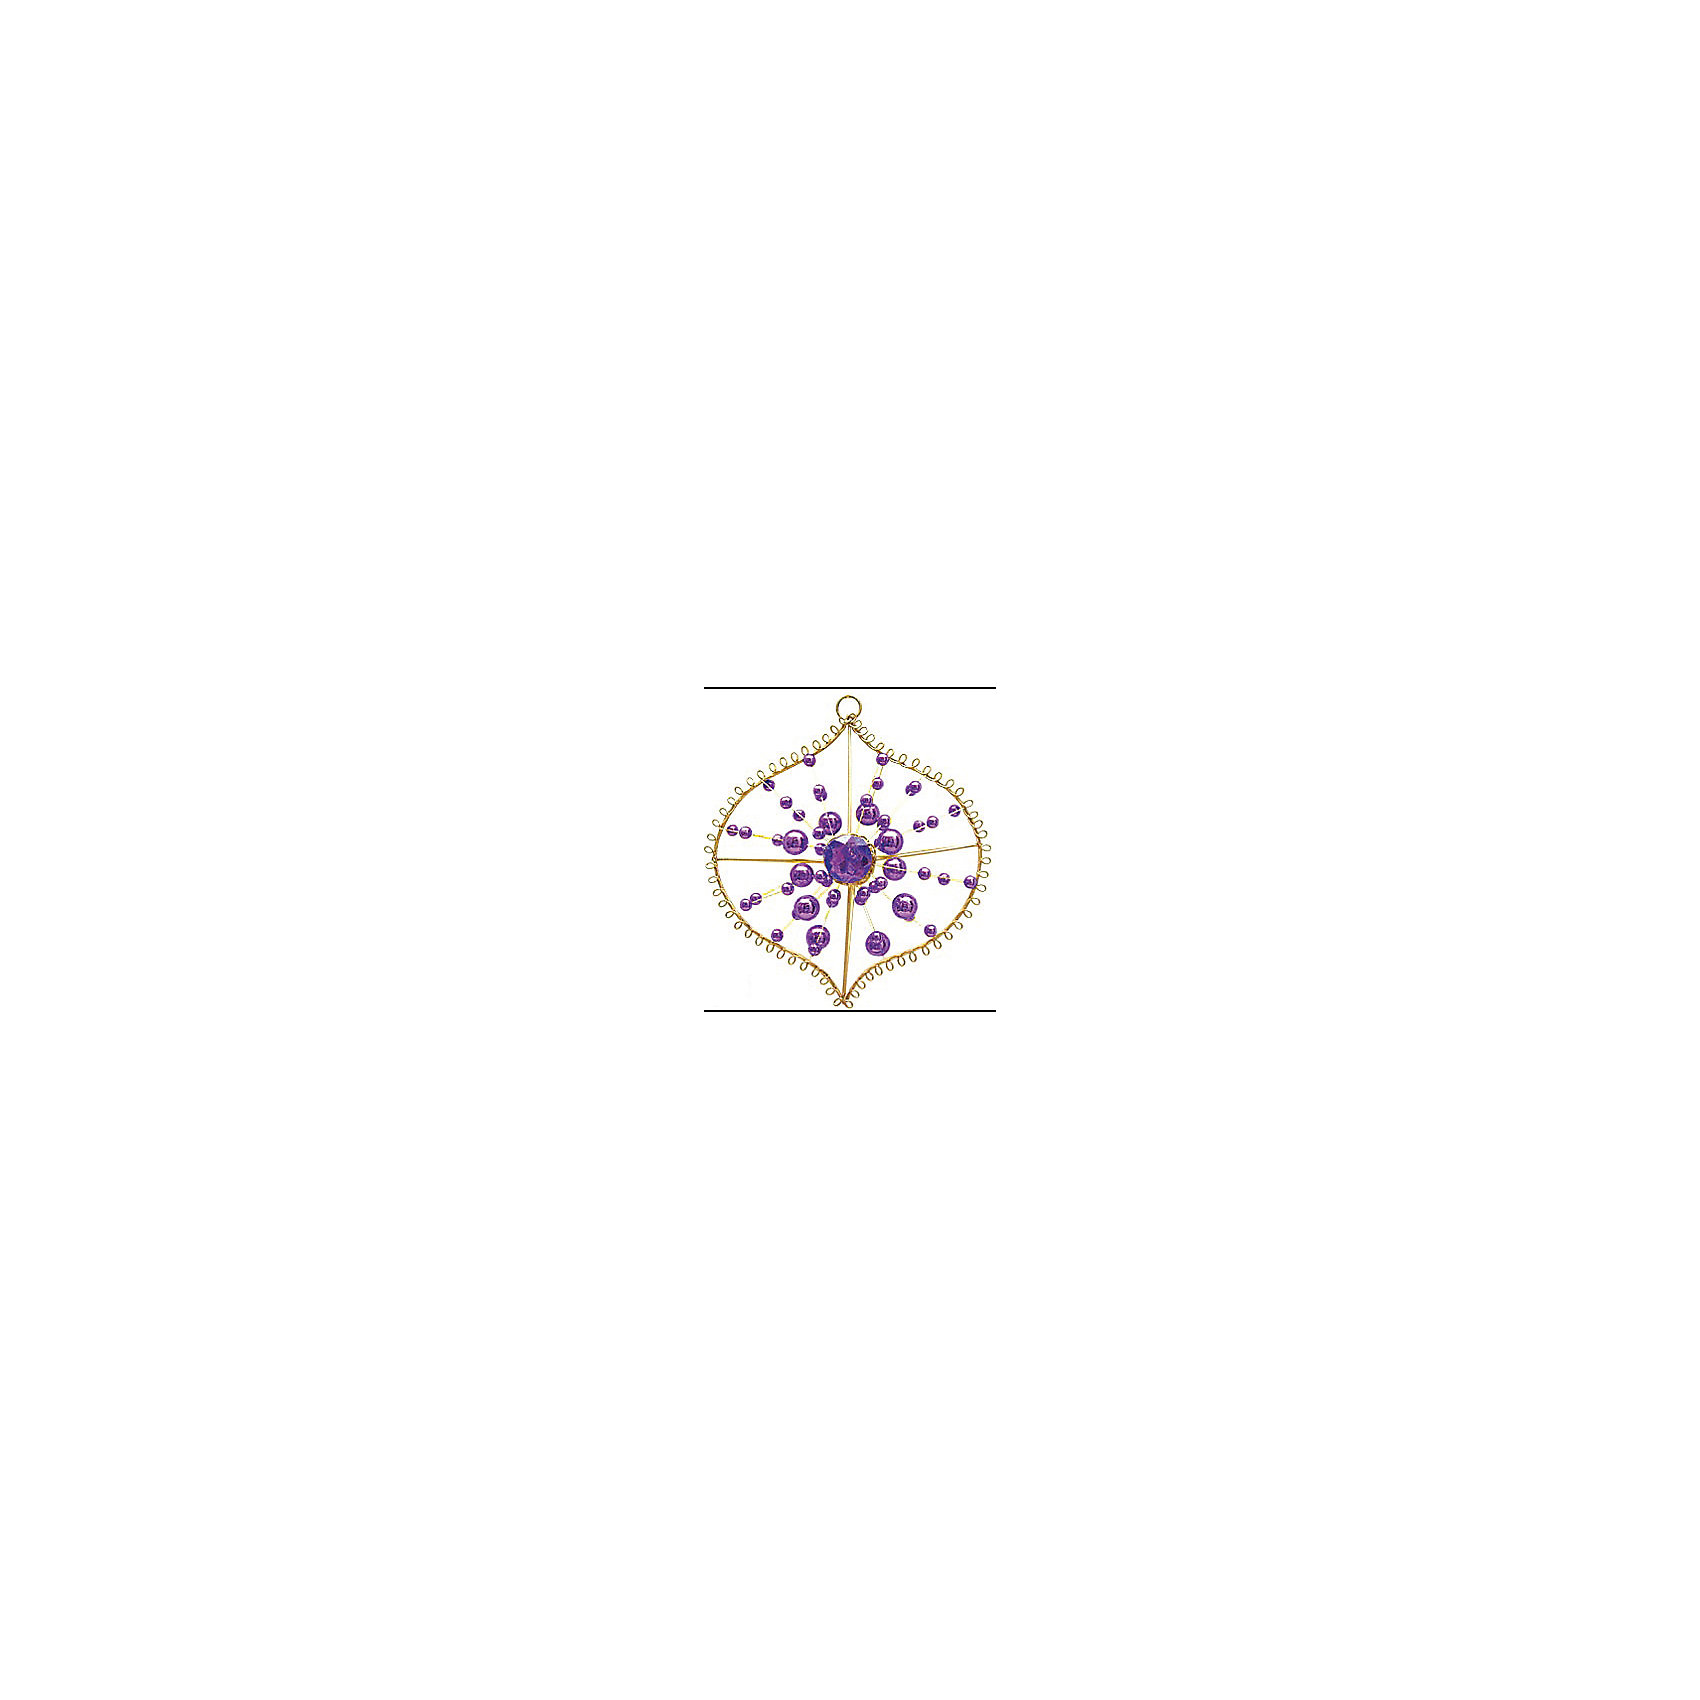 Marko Ferenzo Украшение Луковица (фиолетовый, золотой) marko ferenzo набор желудей 3 шт grande 4 см золотой